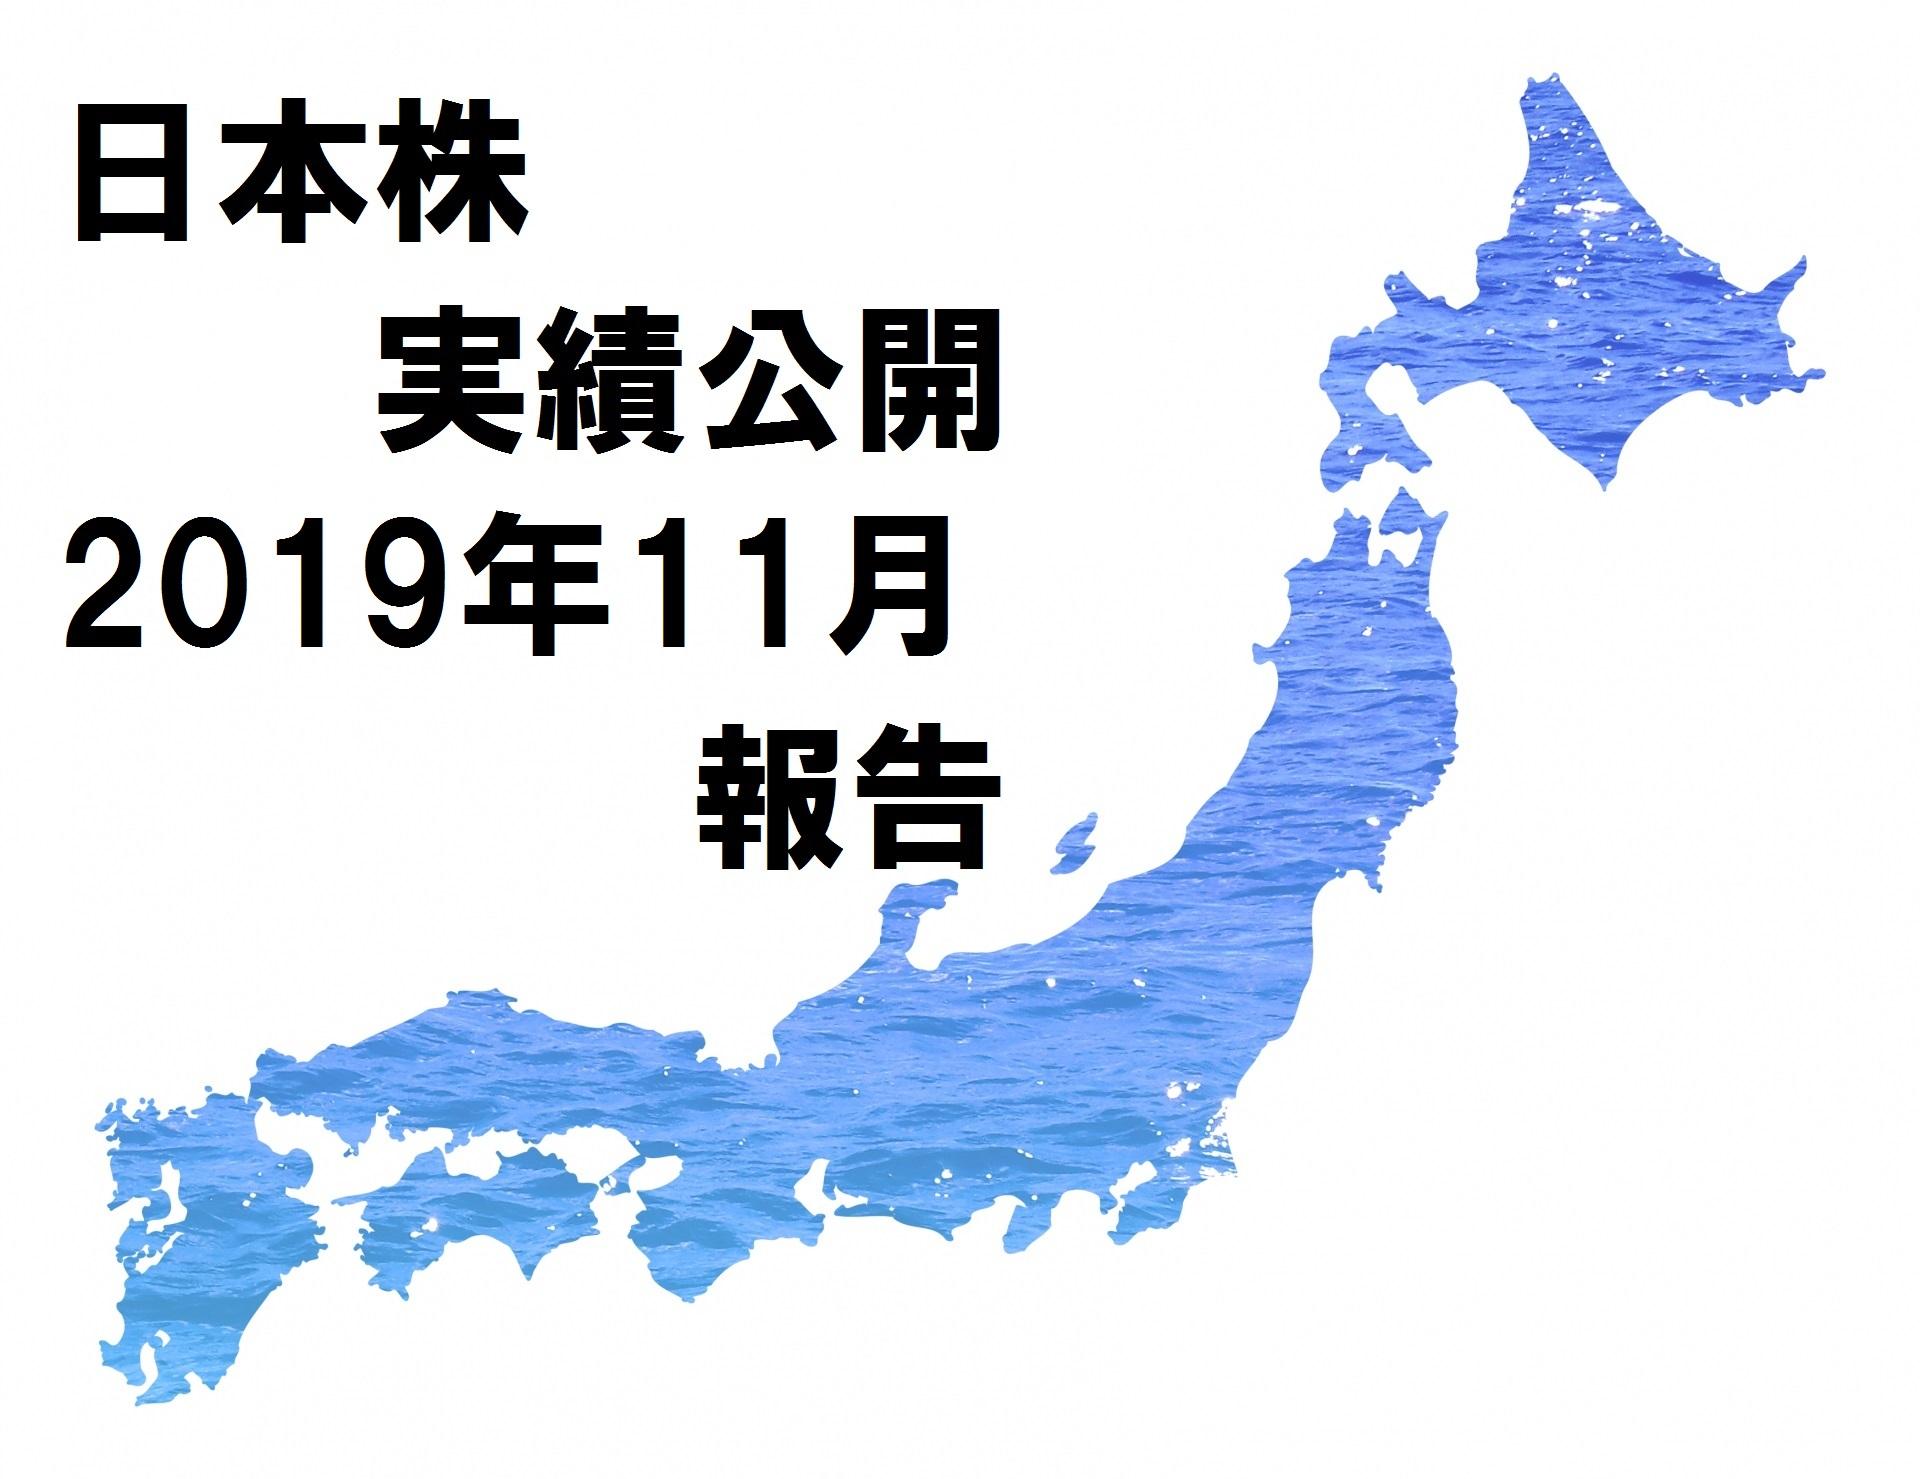 2019年11月中旬時点での日本株実績報告